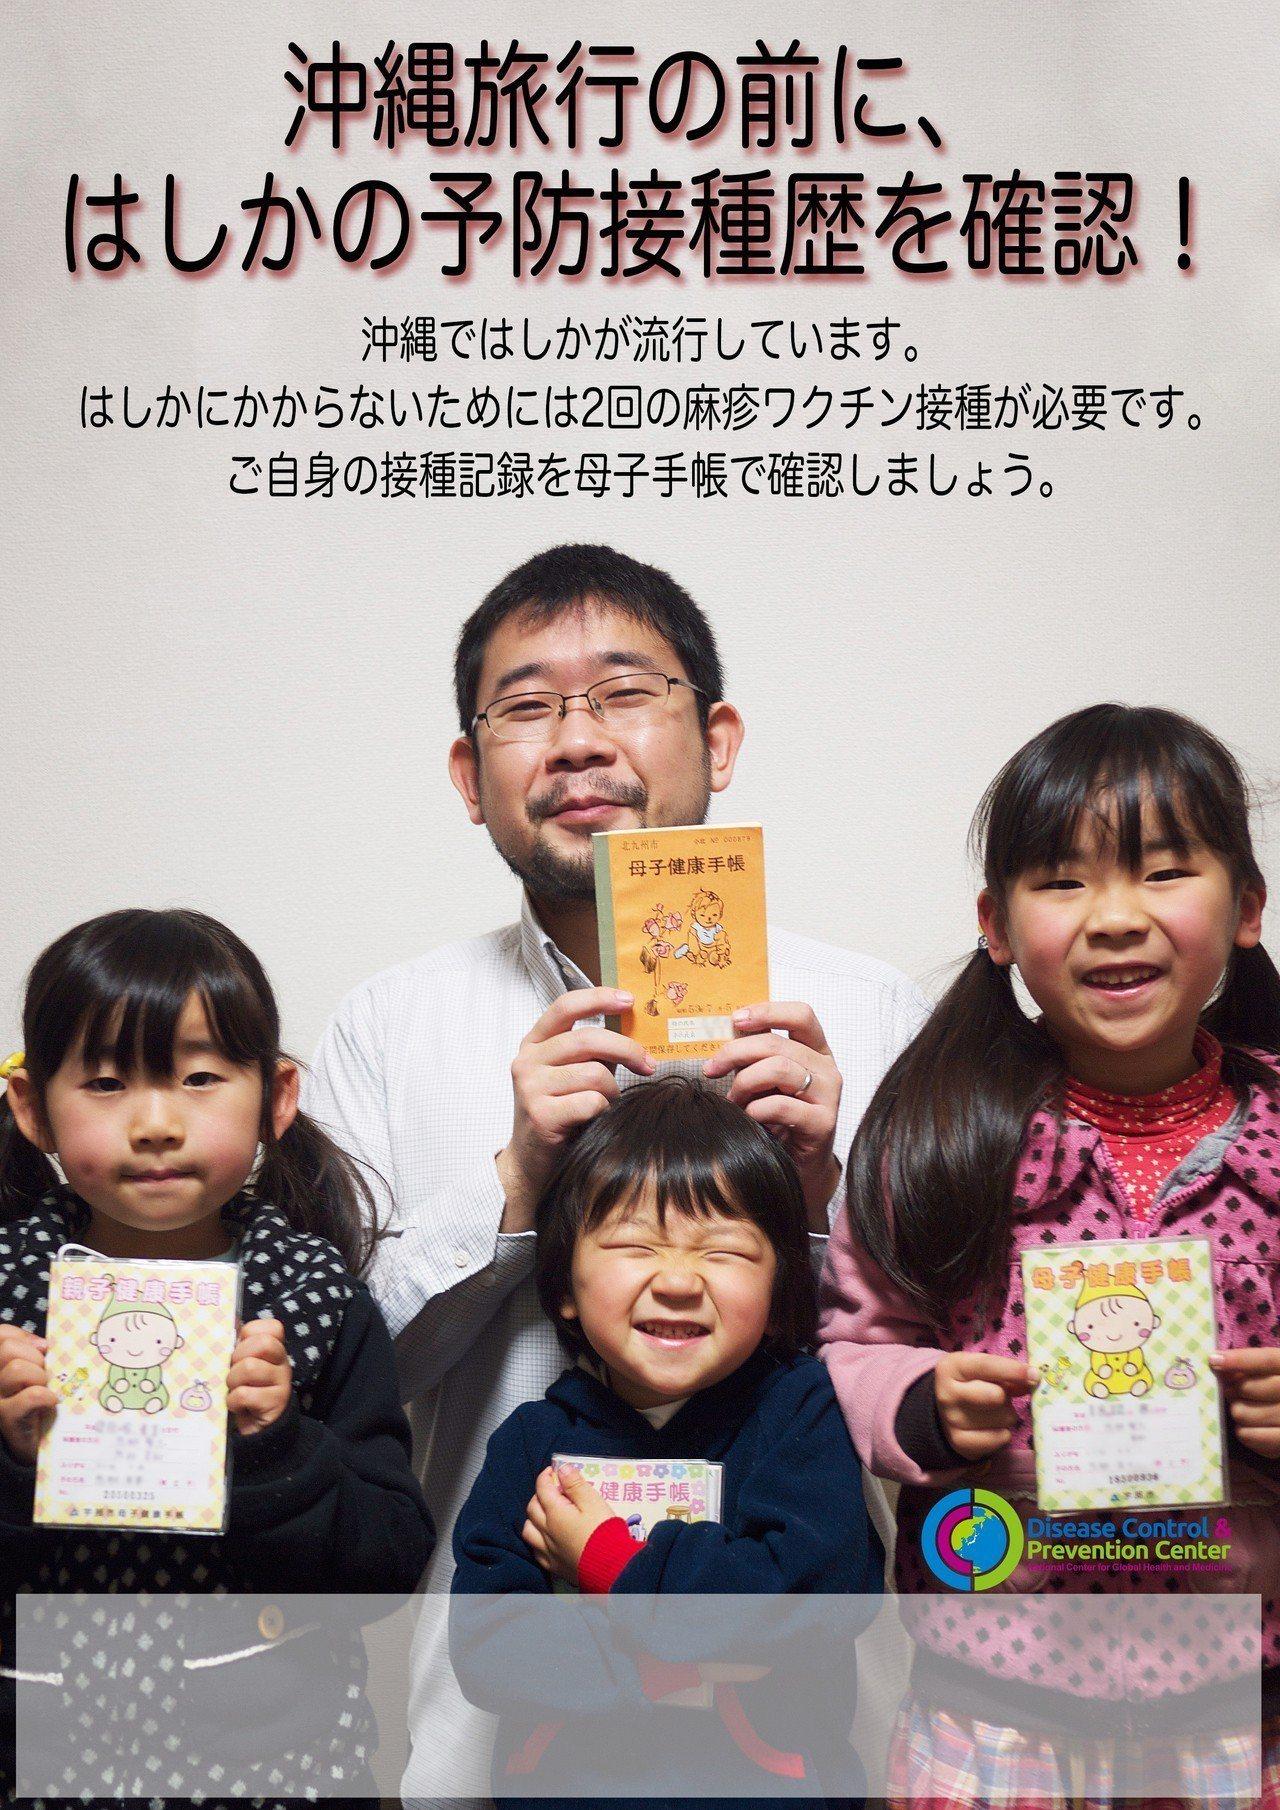 到沖繩旅行前,先確認是否接種麻疹疫苗。圖擷自國立感染症研究所官網